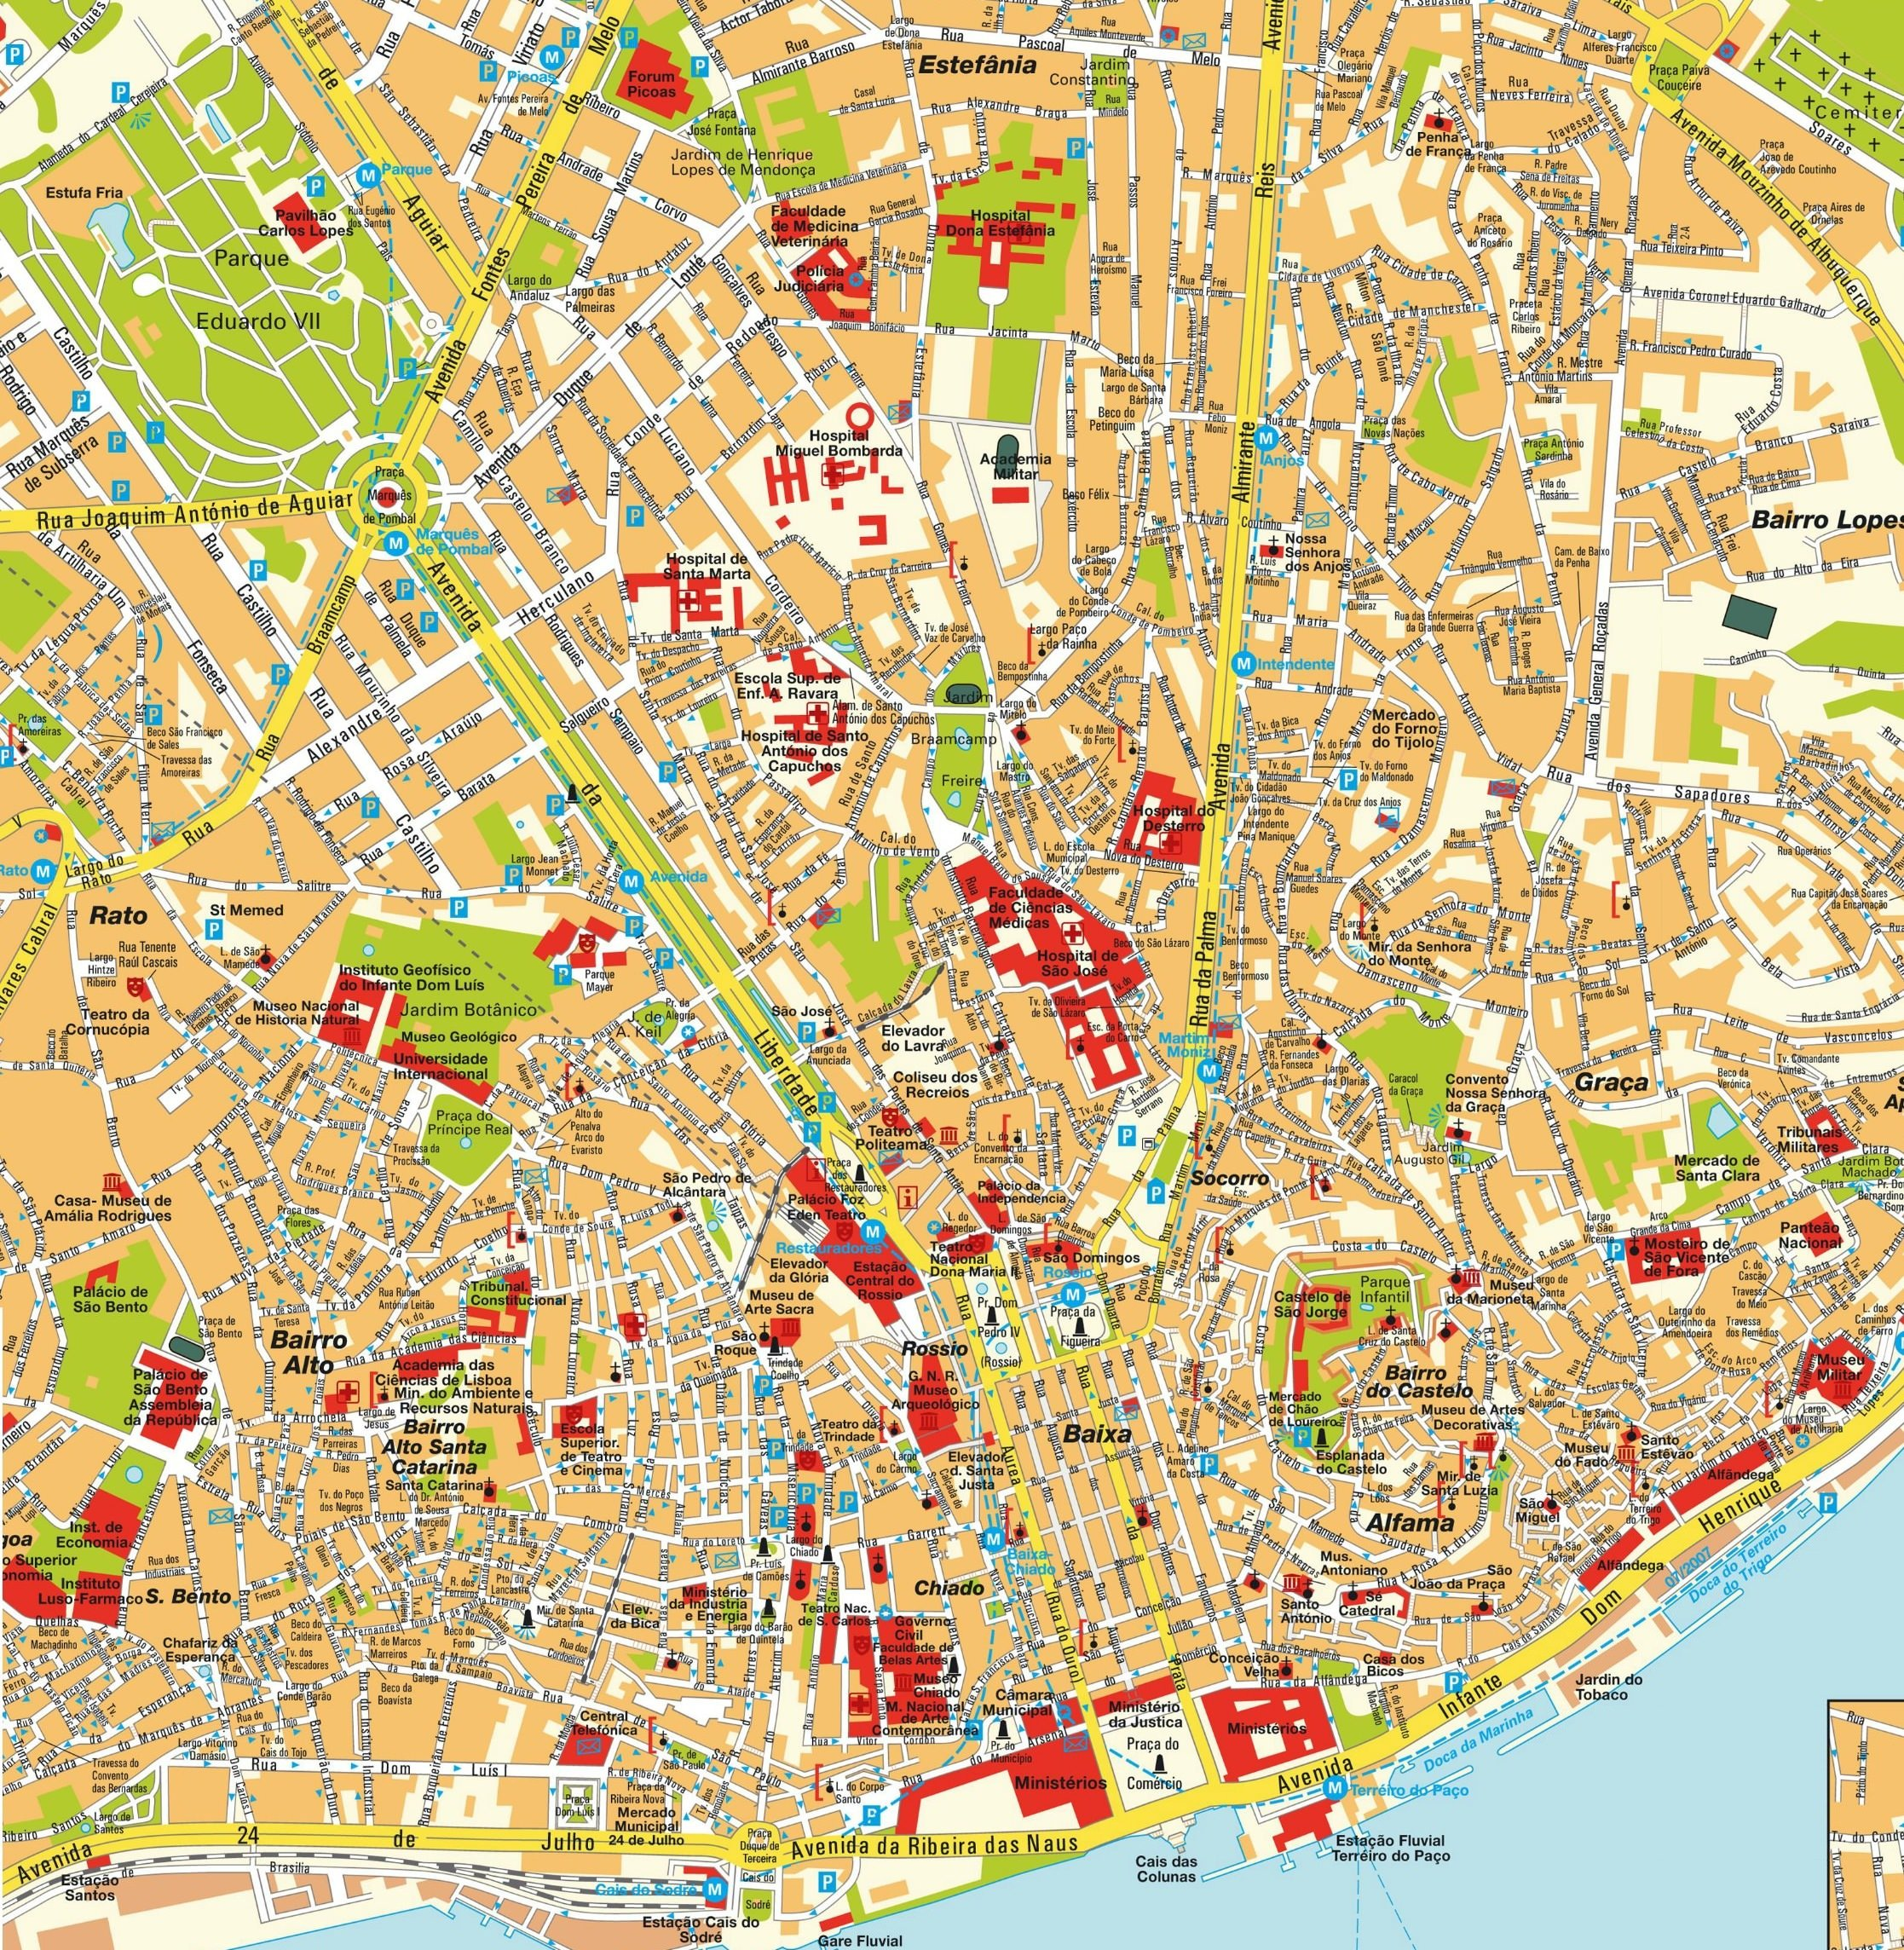 Cartes Et Plans Detailles De Lisbonne